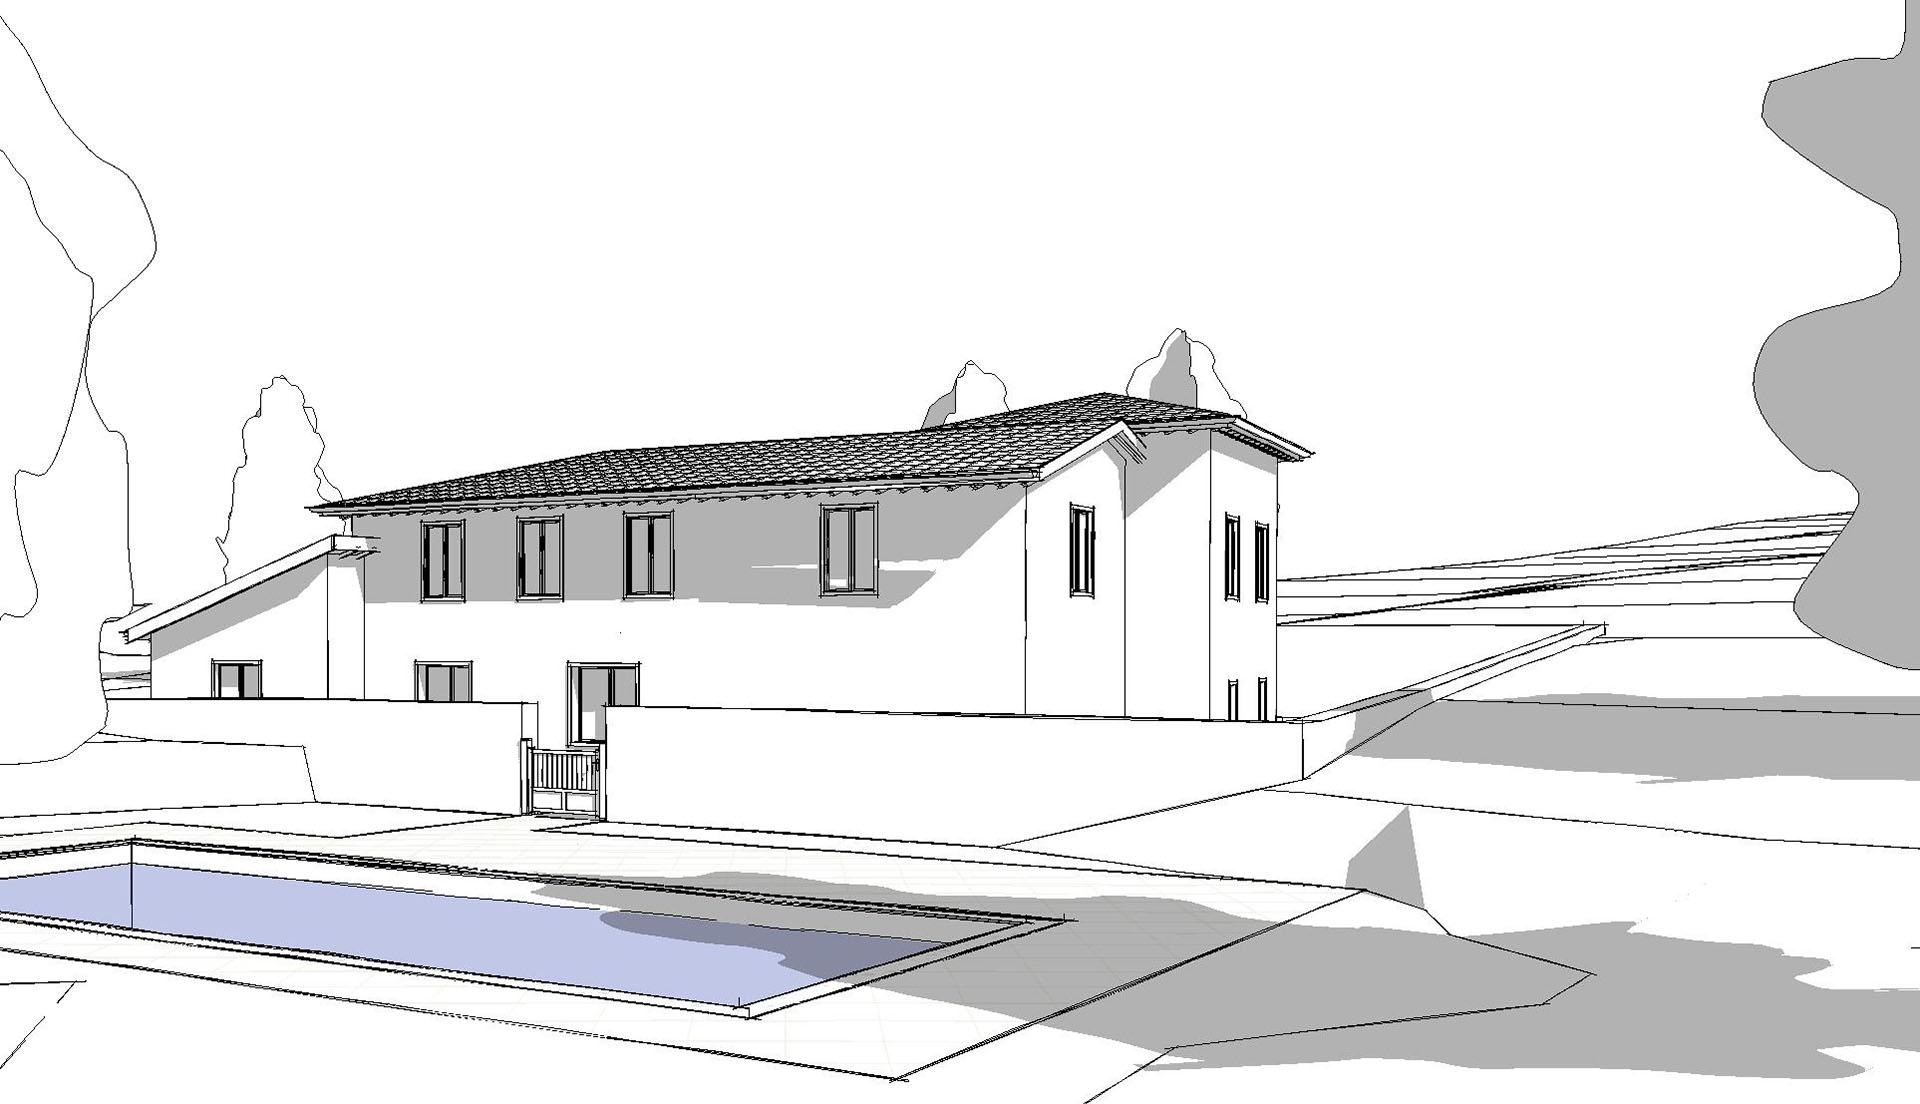 Finestre tetto dwg profilati alluminio for Copertura piana in legno dwg